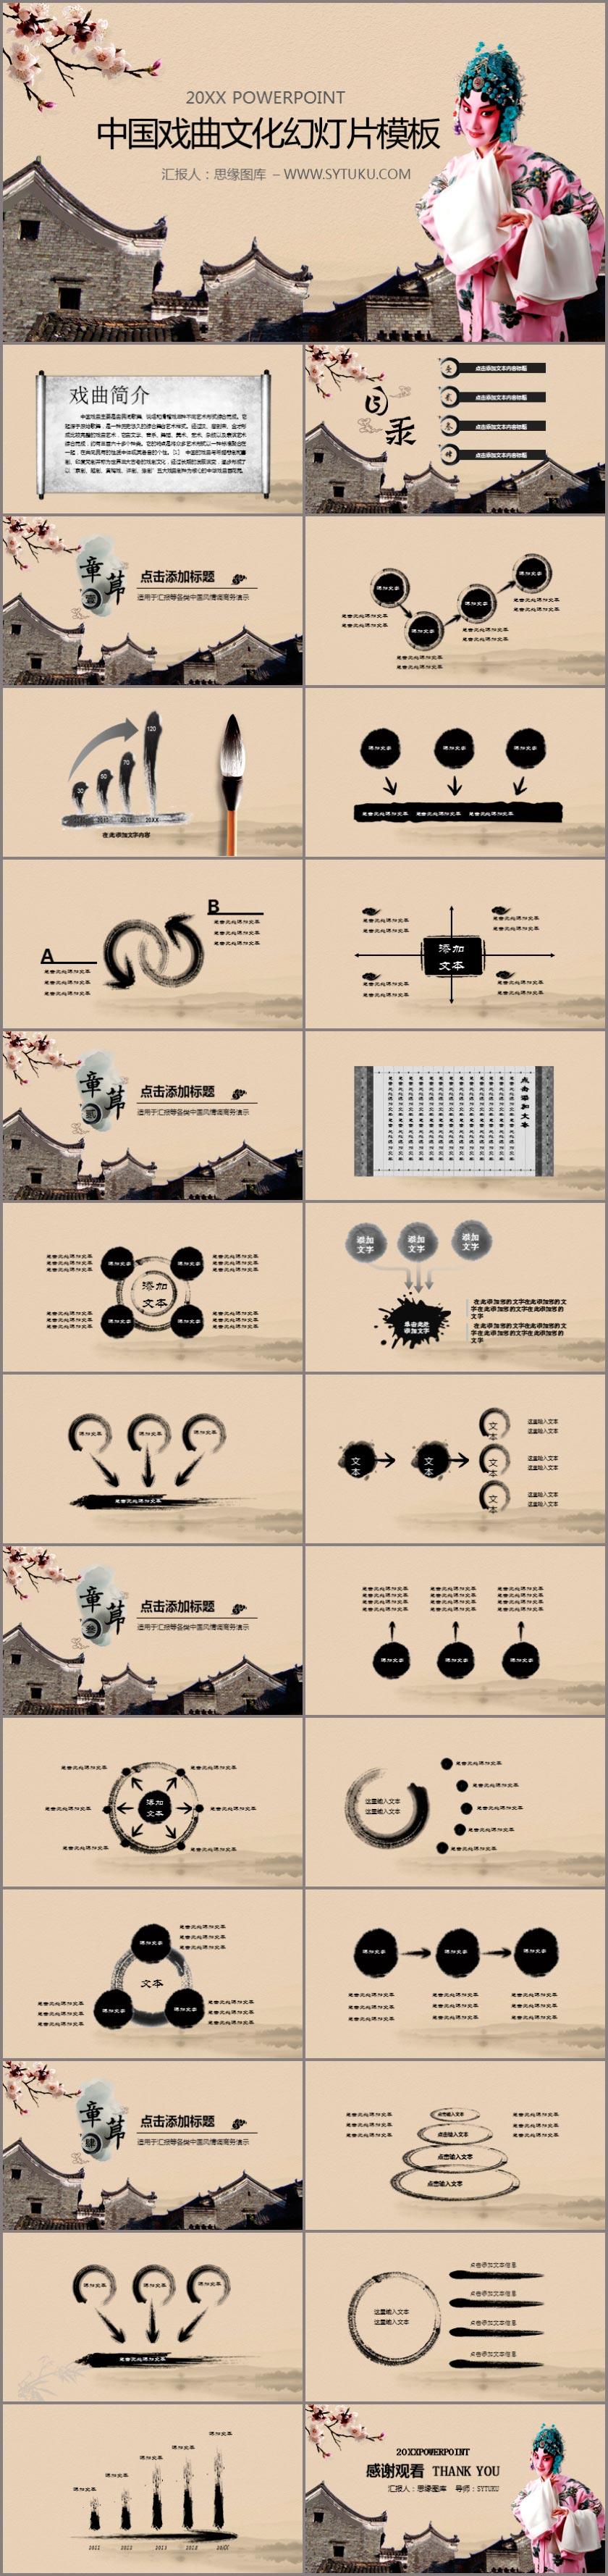 国戏曲文化幻灯片PPT模板